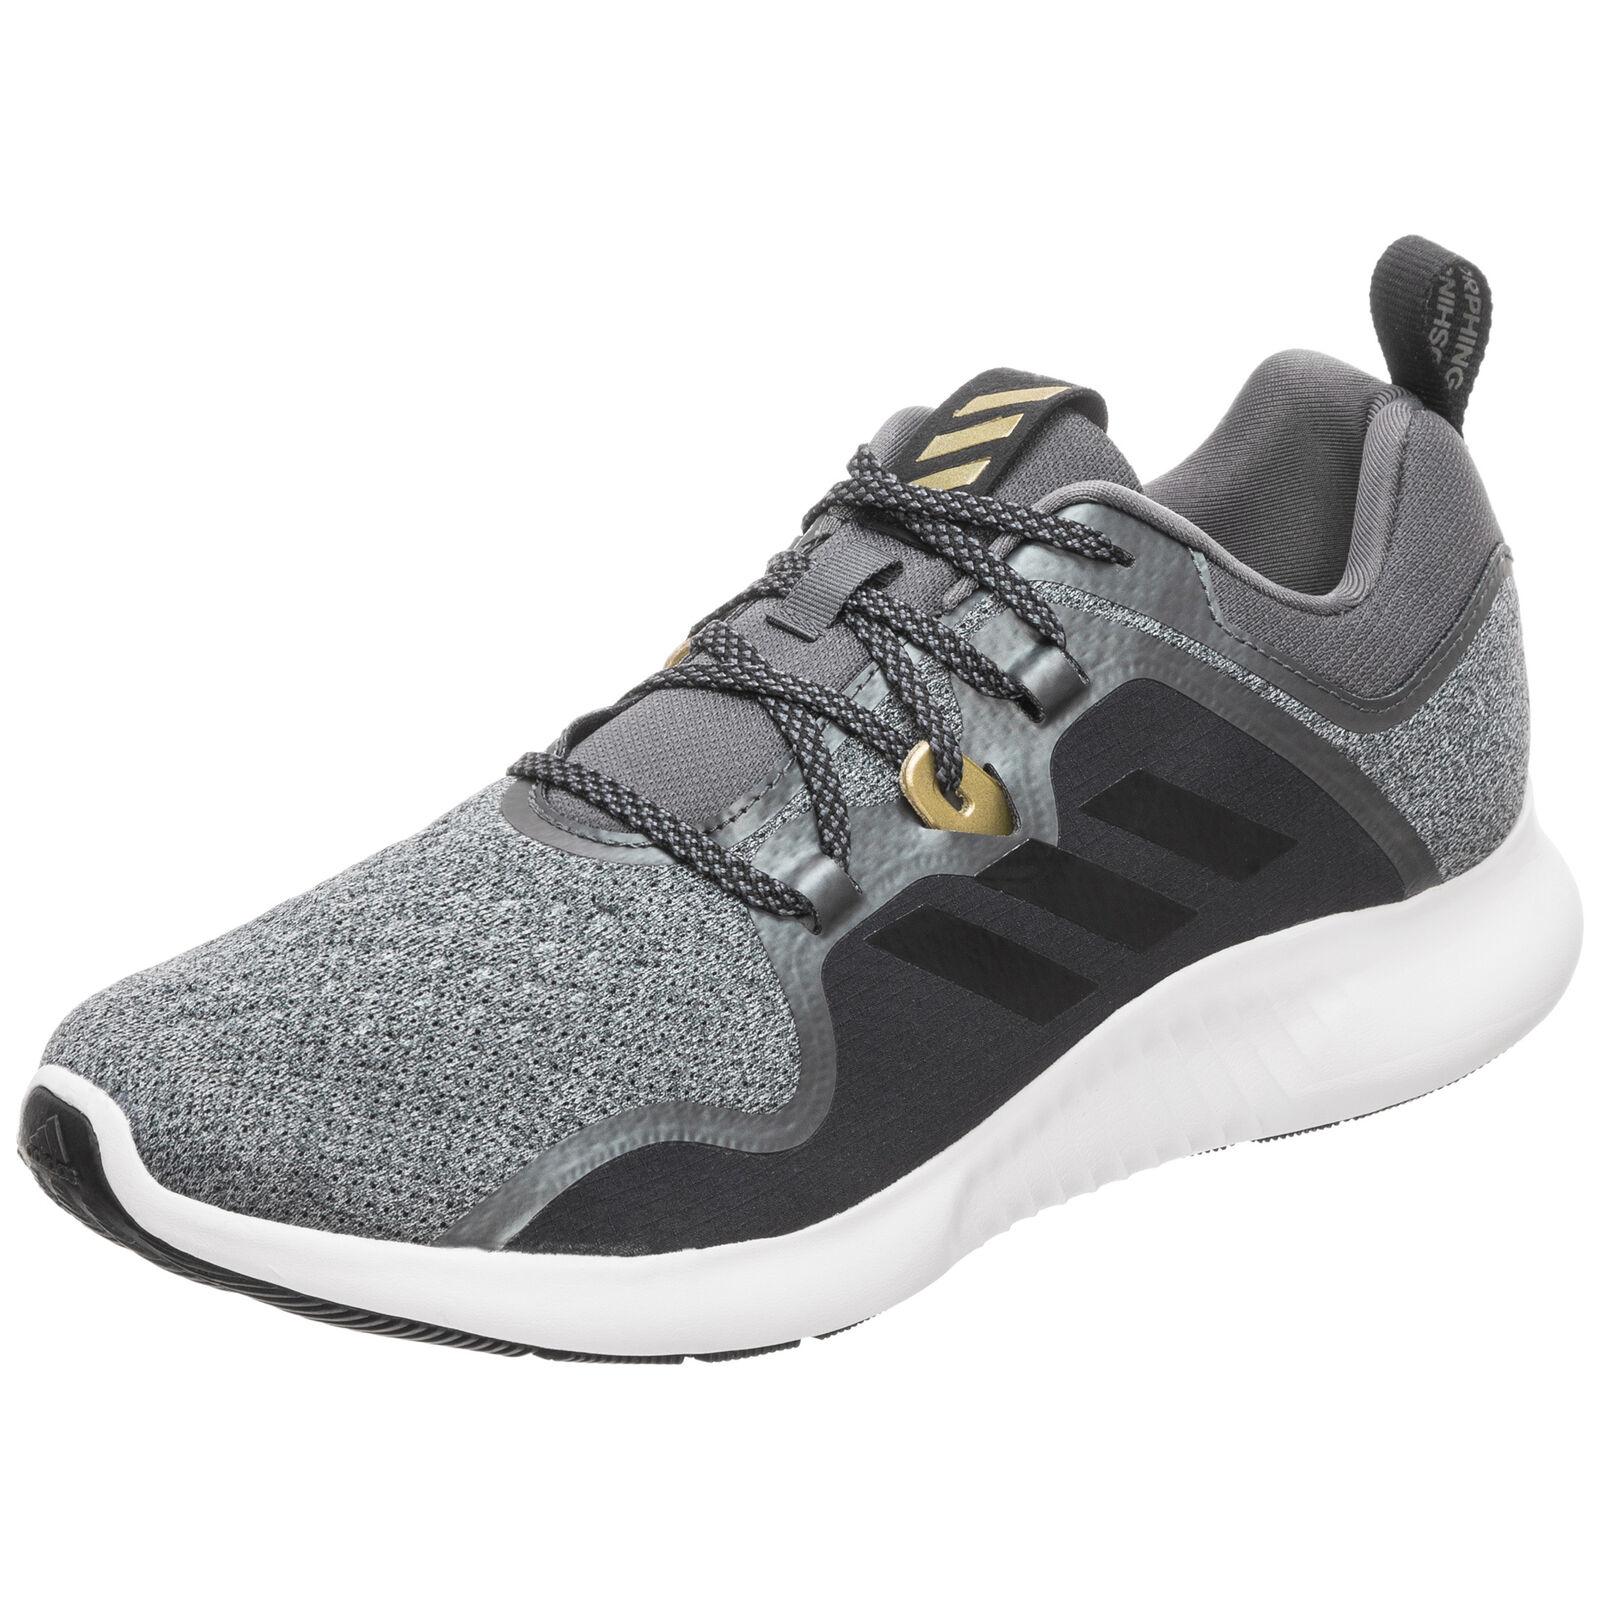 Adidas Performance Edgebounce Laufschuh Damen NEU Schuhe Turnschuhe  | Authentische Garantie